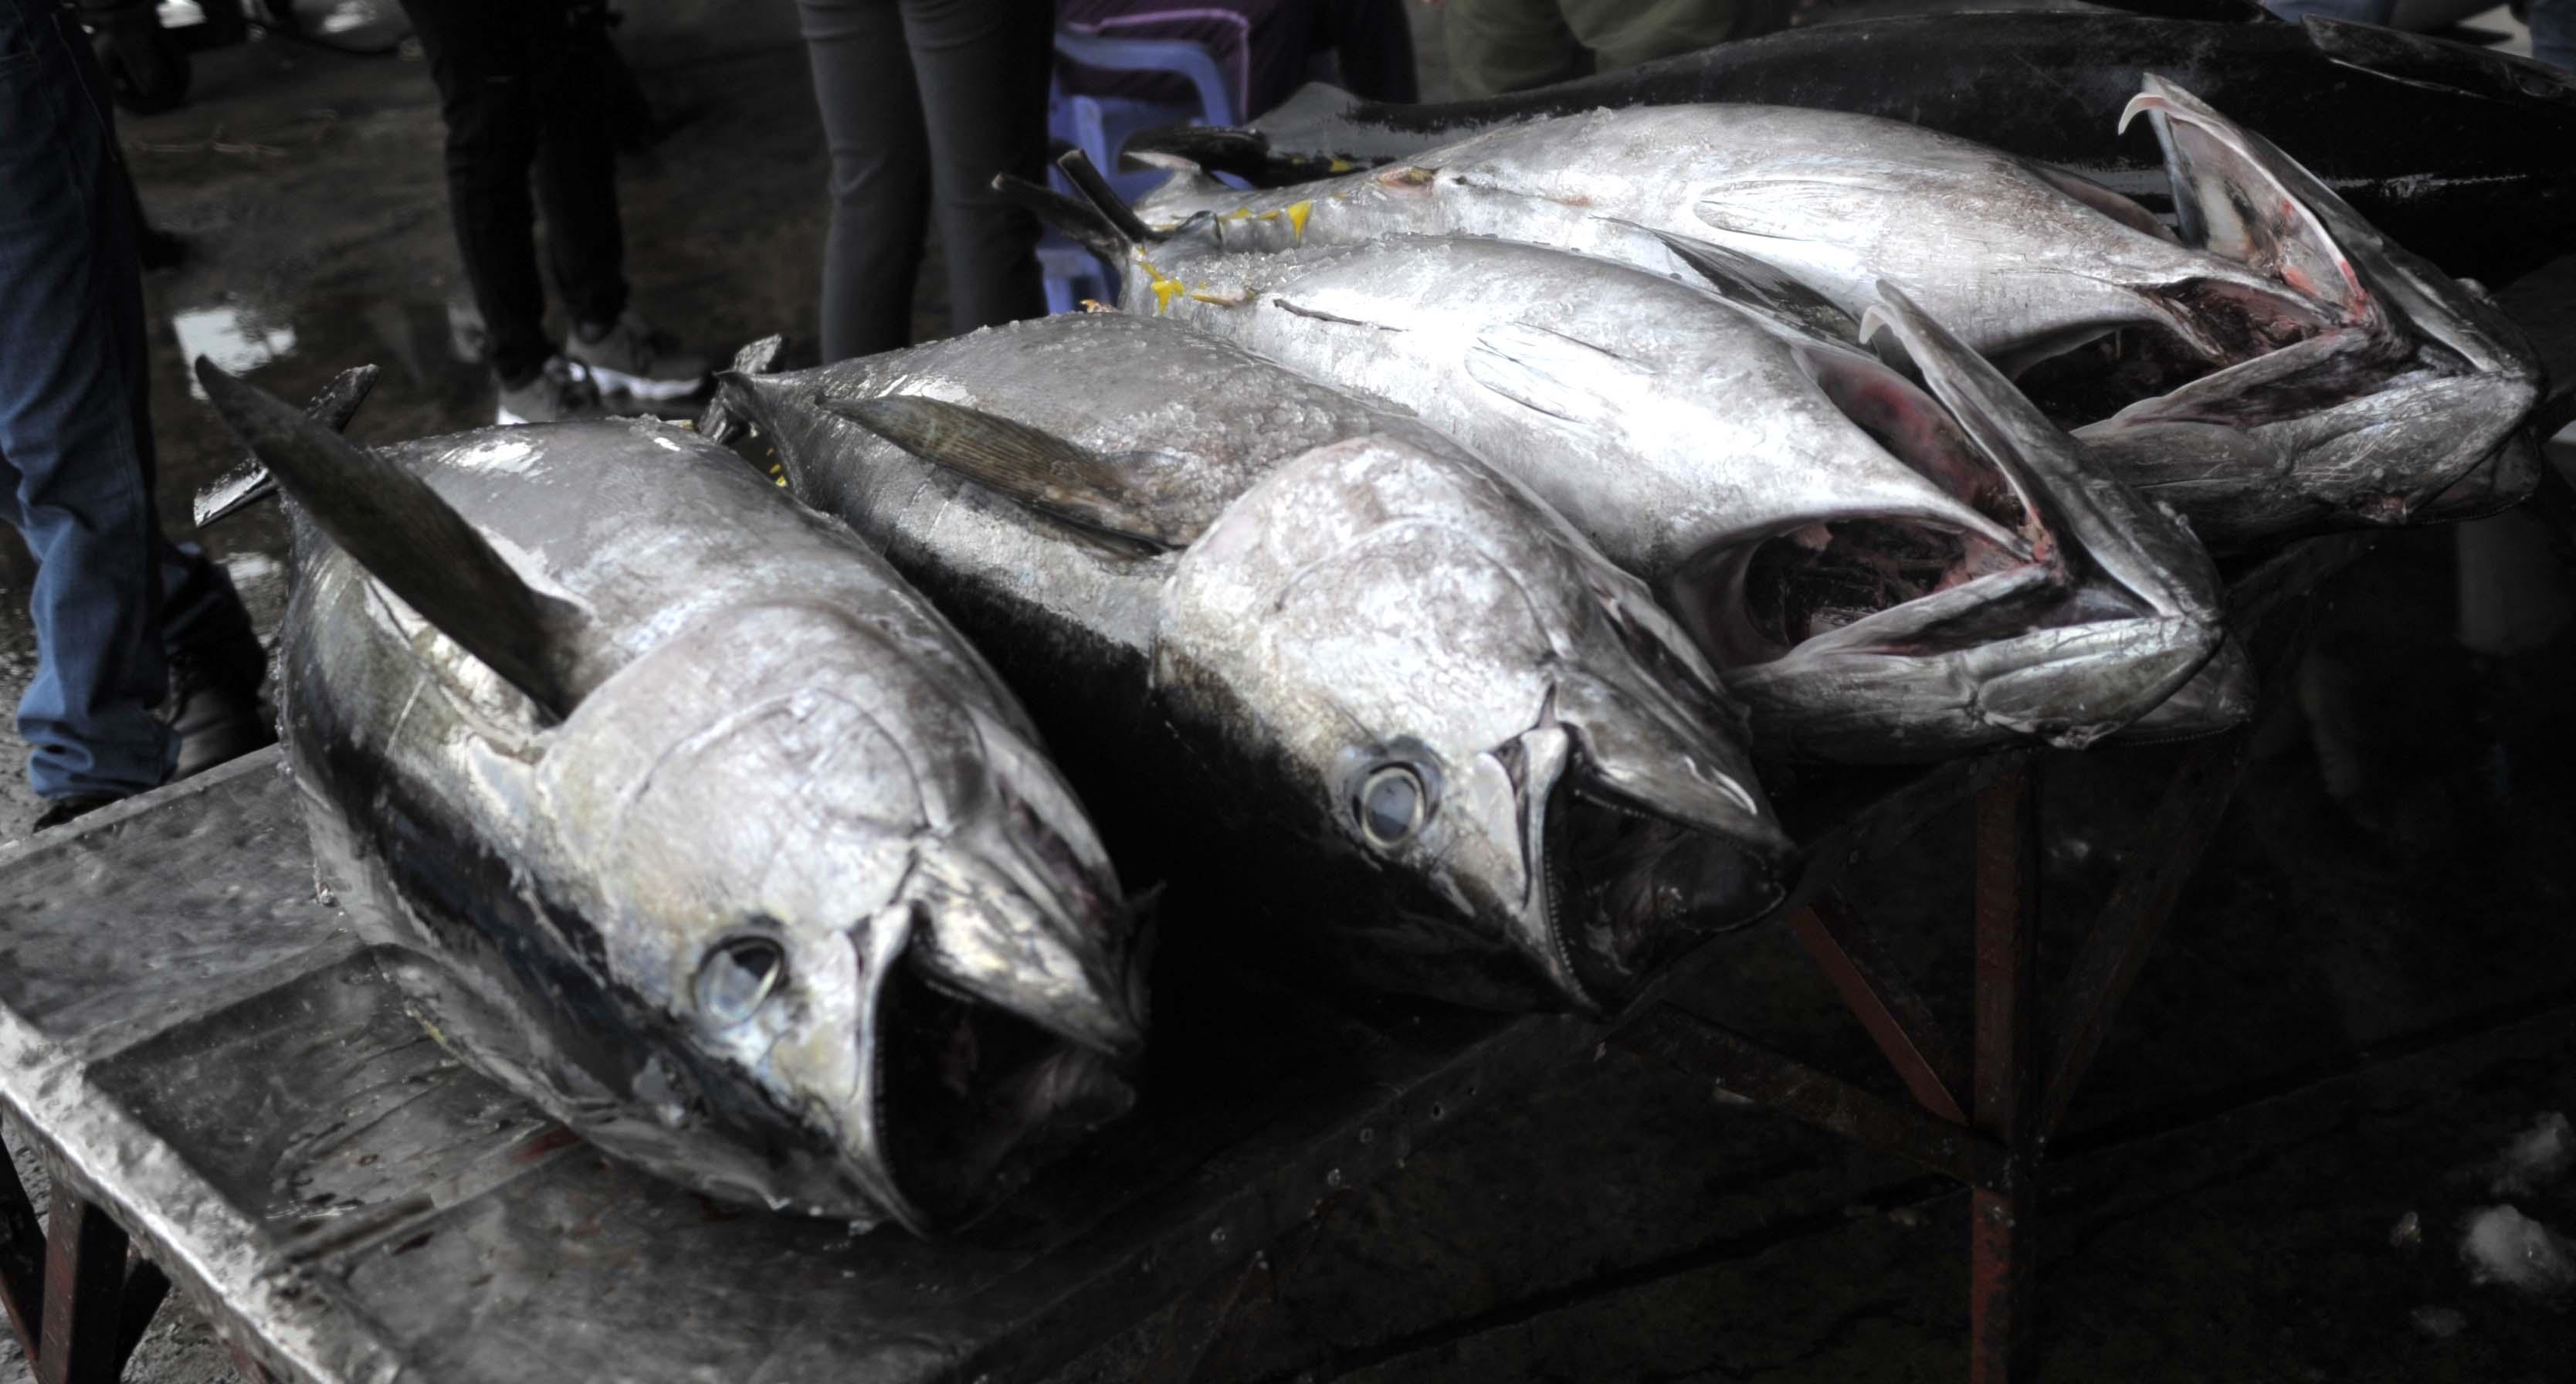 Khánh Hòa xuất khẩu hơn 1 tỉ USD nhưng ngành thủy sản giảm hơn 21% trong 9 tháng năm 2020 - Ảnh 2.